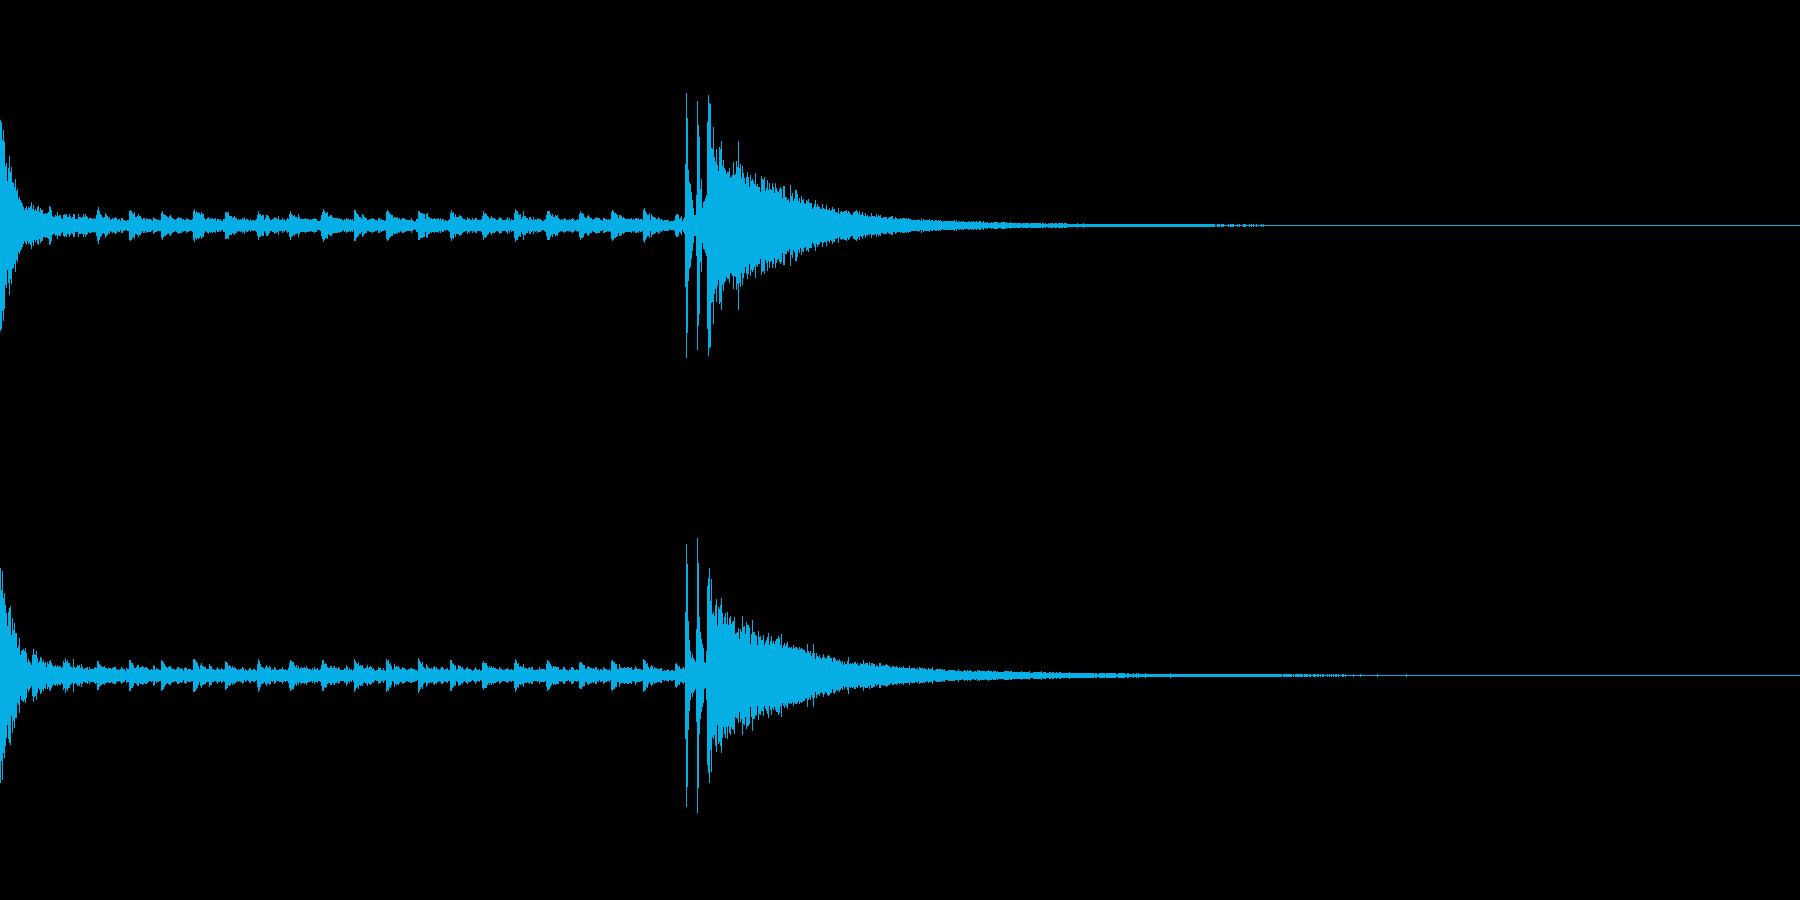 結果発表などのシンプルなドラムロールの再生済みの波形